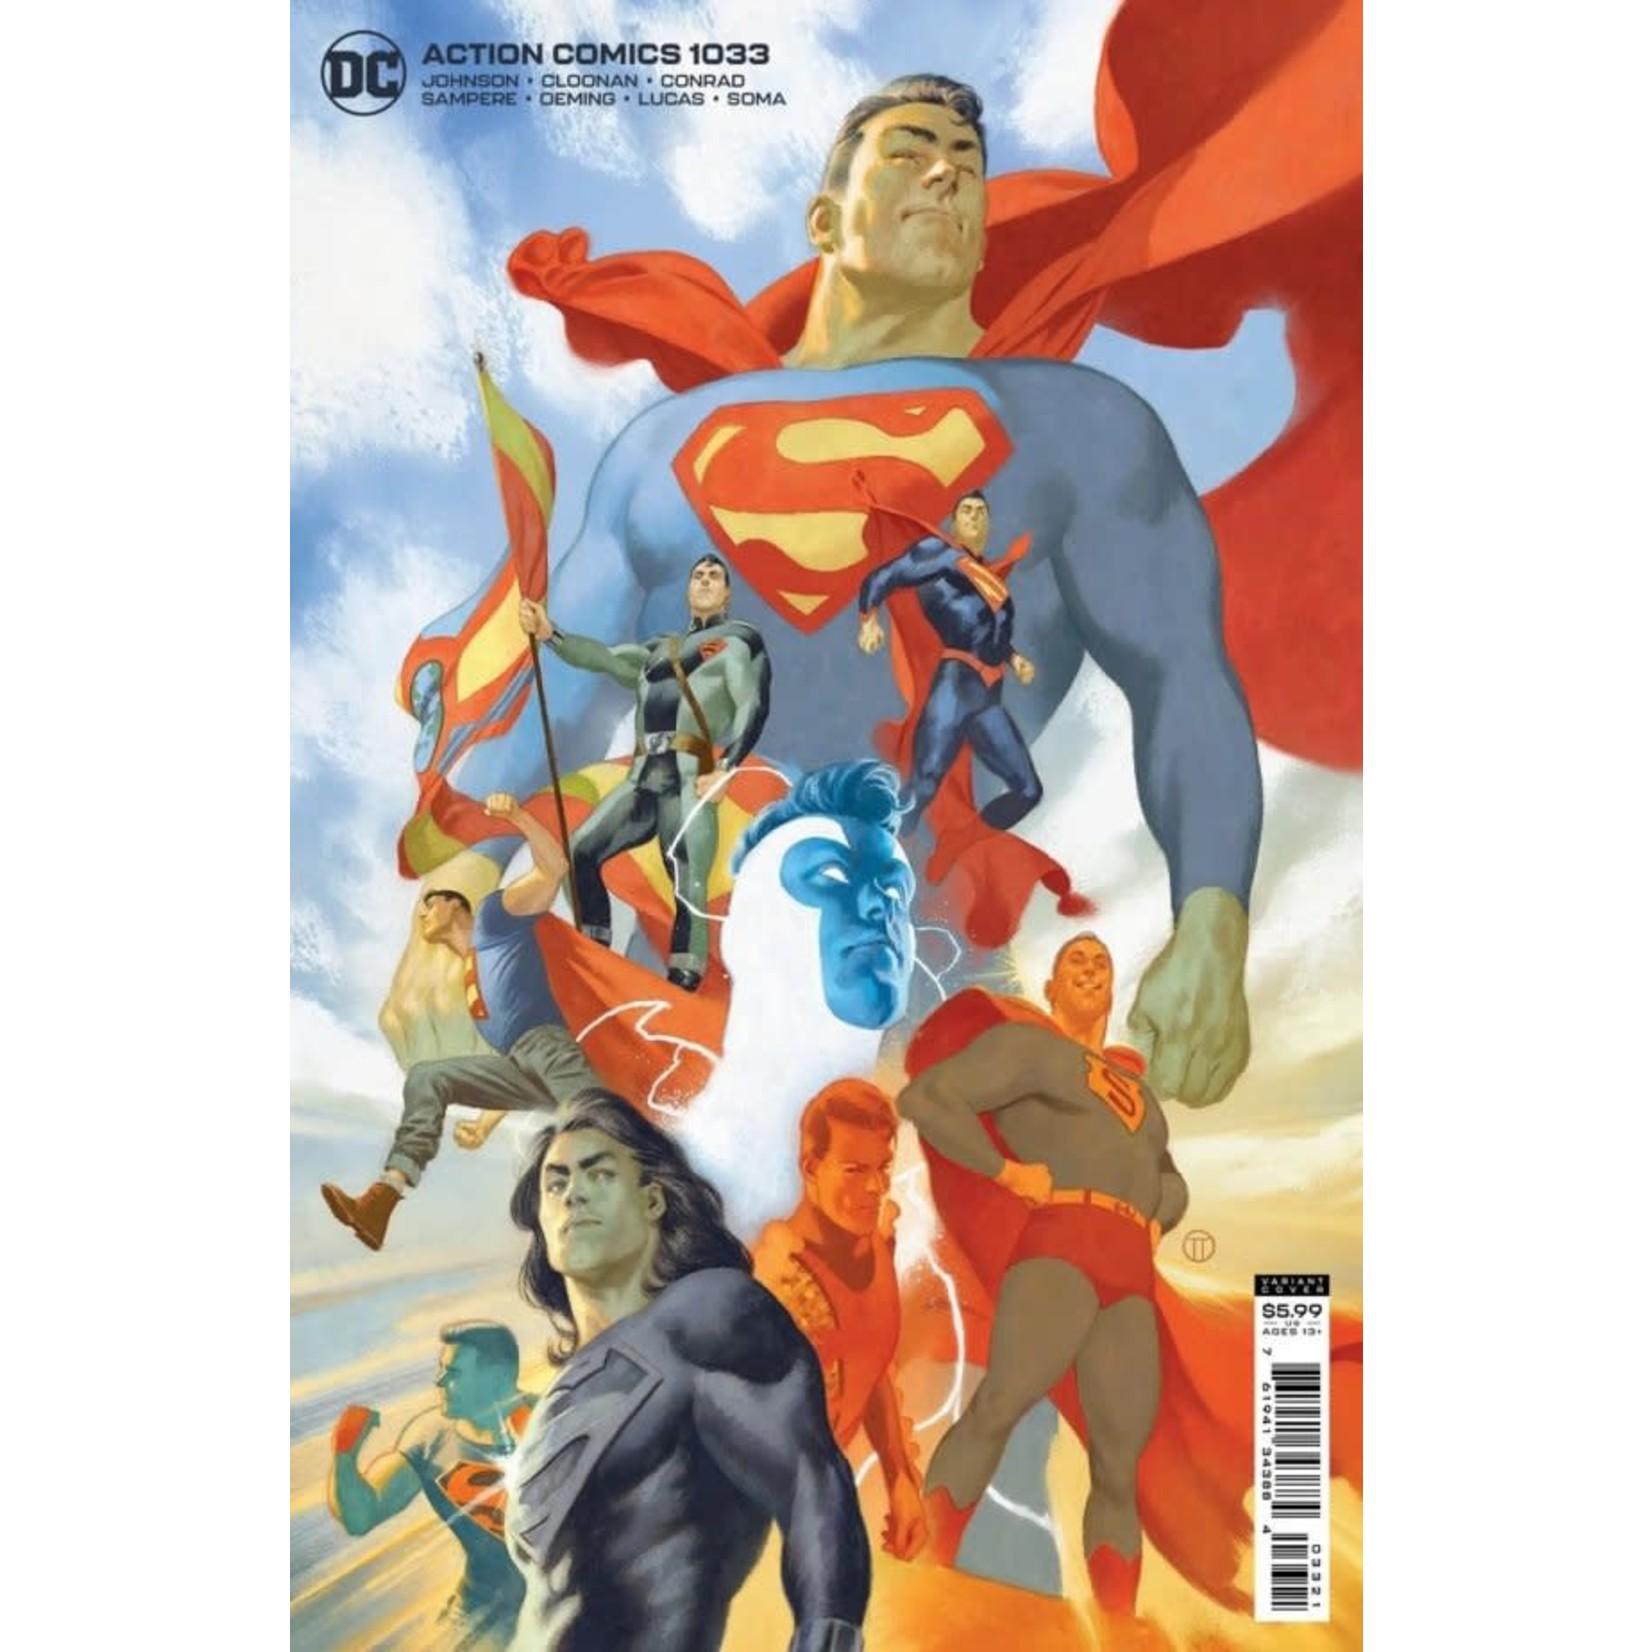 DC Comics Action Comics #1033 Tedesco Variant Cover